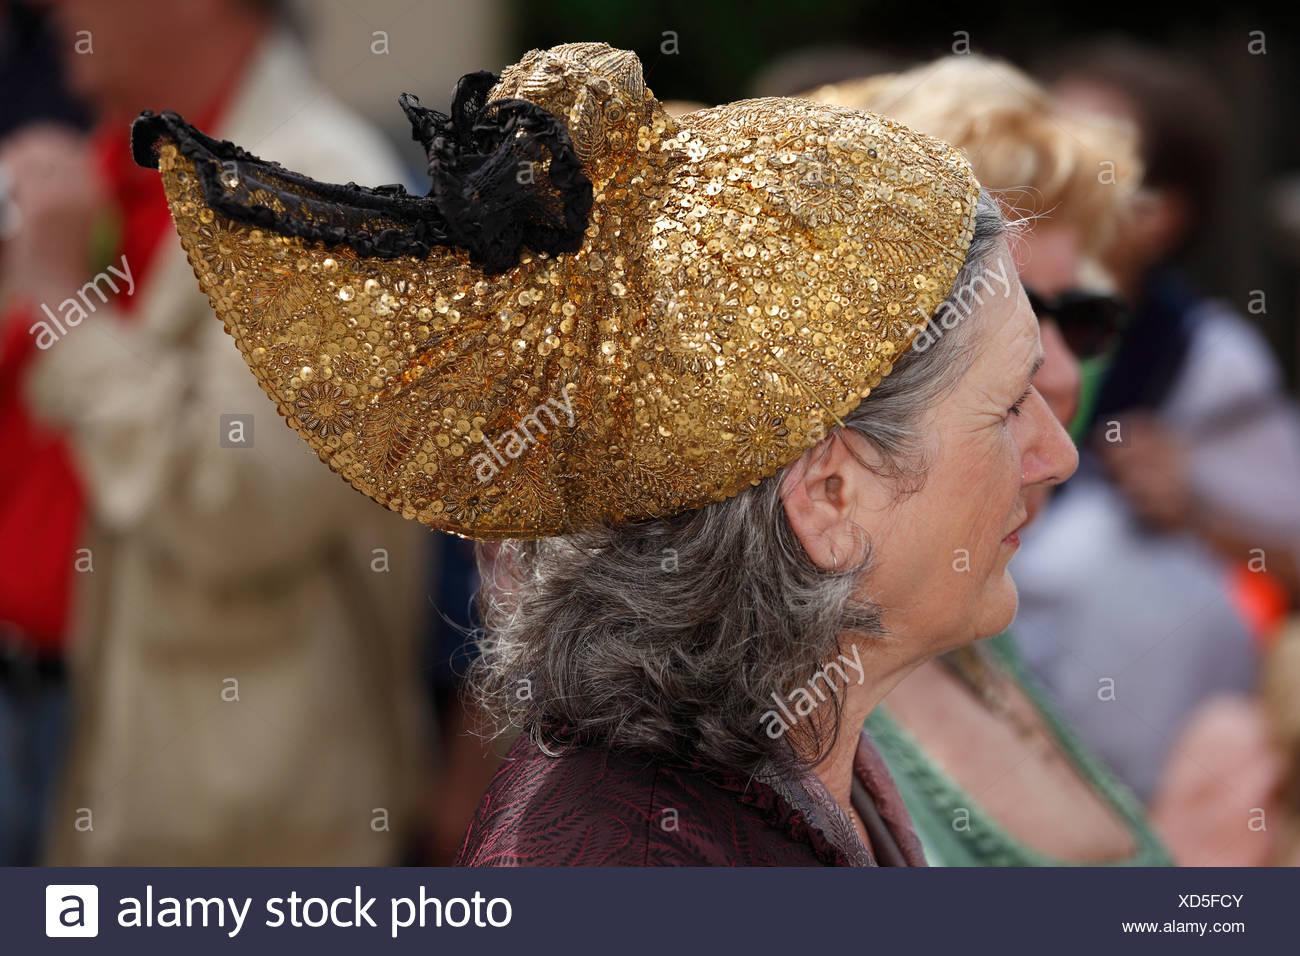 Frau mit einem gold Cap, Narzissenfest Narcissus-Festival in Bad Aussee, Ausseer Land, Salzkammergut, Steiermark, Österreich, Europa Stockbild